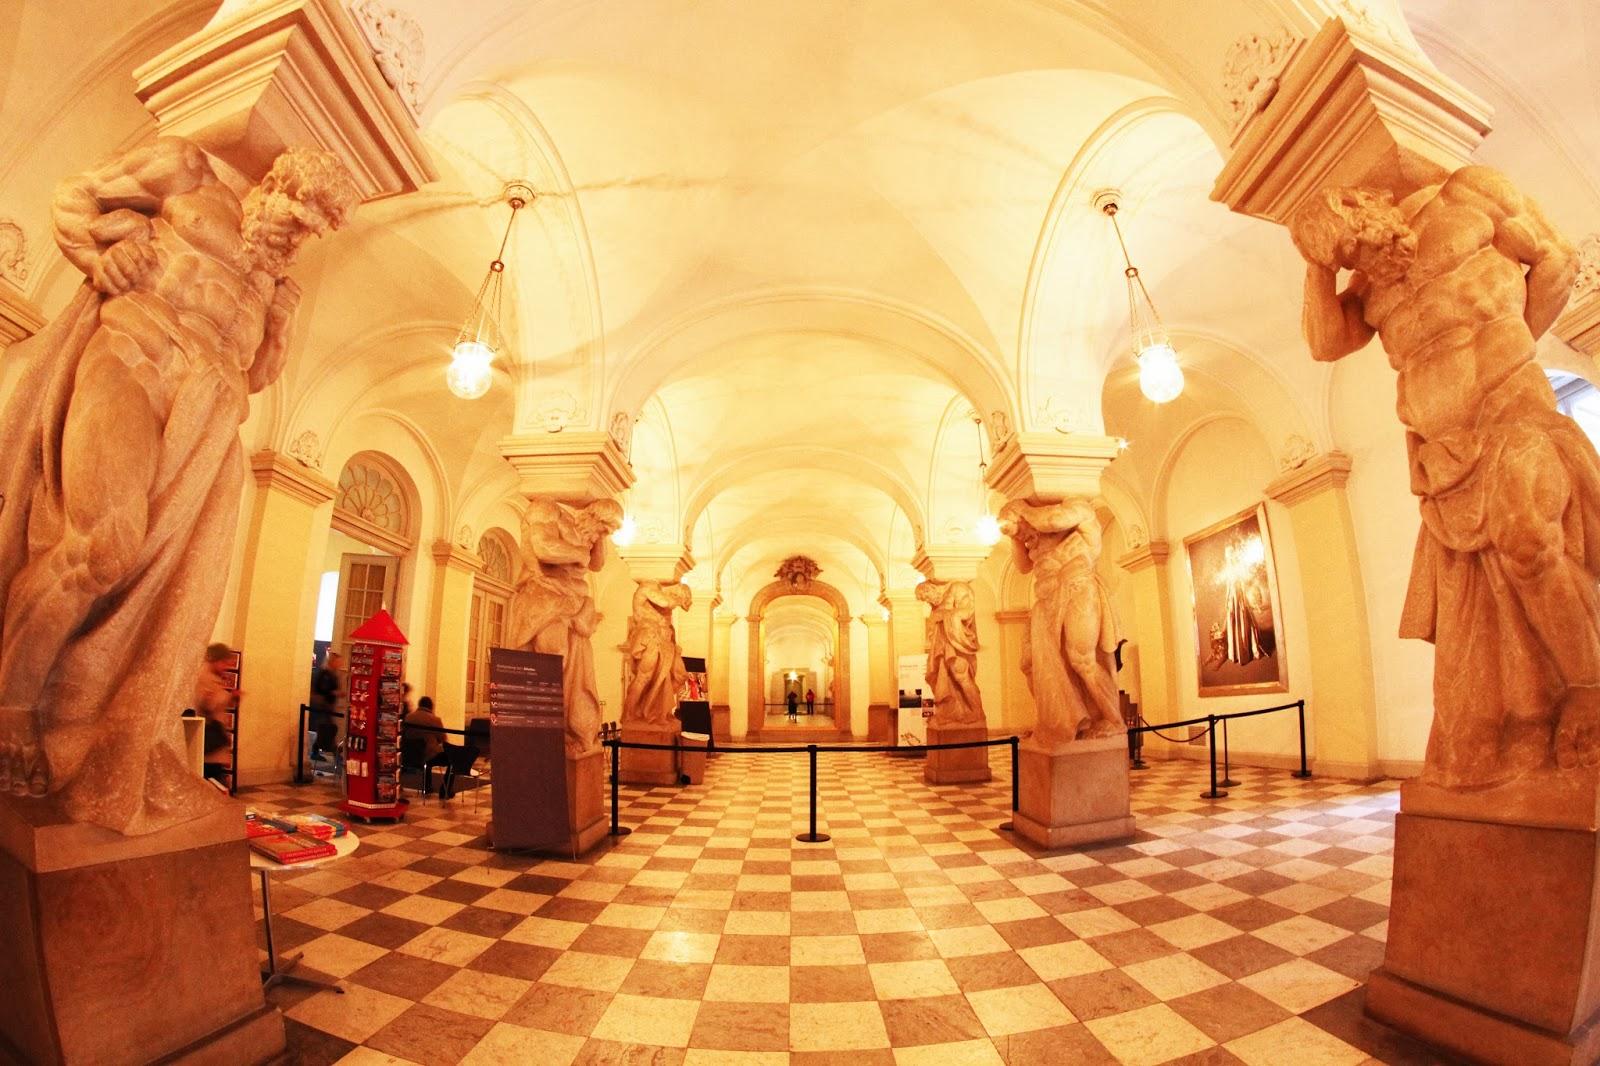 Uma visita ao parlamento dinamarquês e ao Palácio de Christiansborg de Copenhaga | Dinamarca